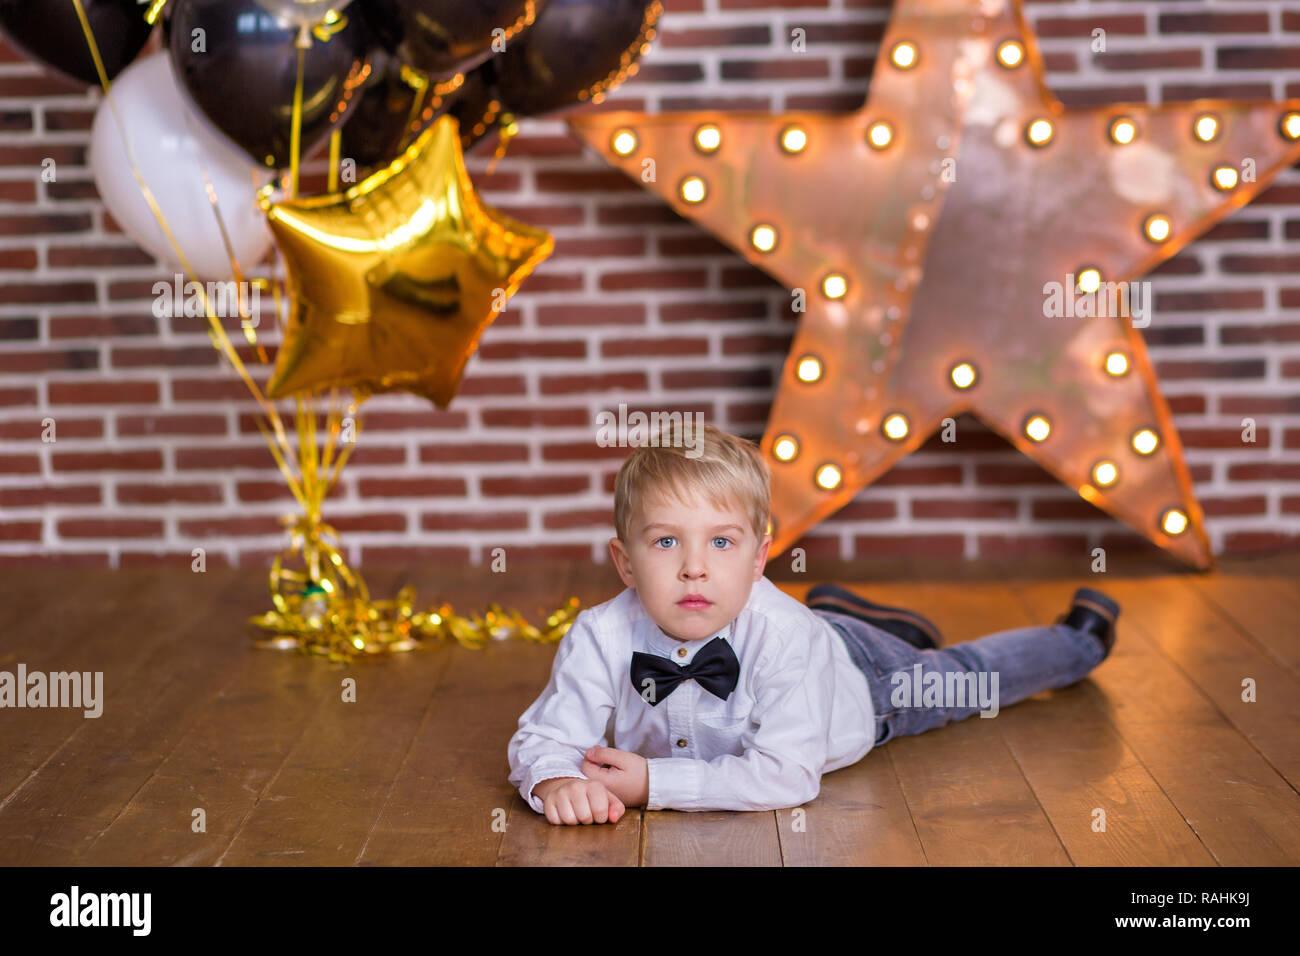 Bellissimi Bambini Ragazzi Piccoli Festeggia Il Compleanno E